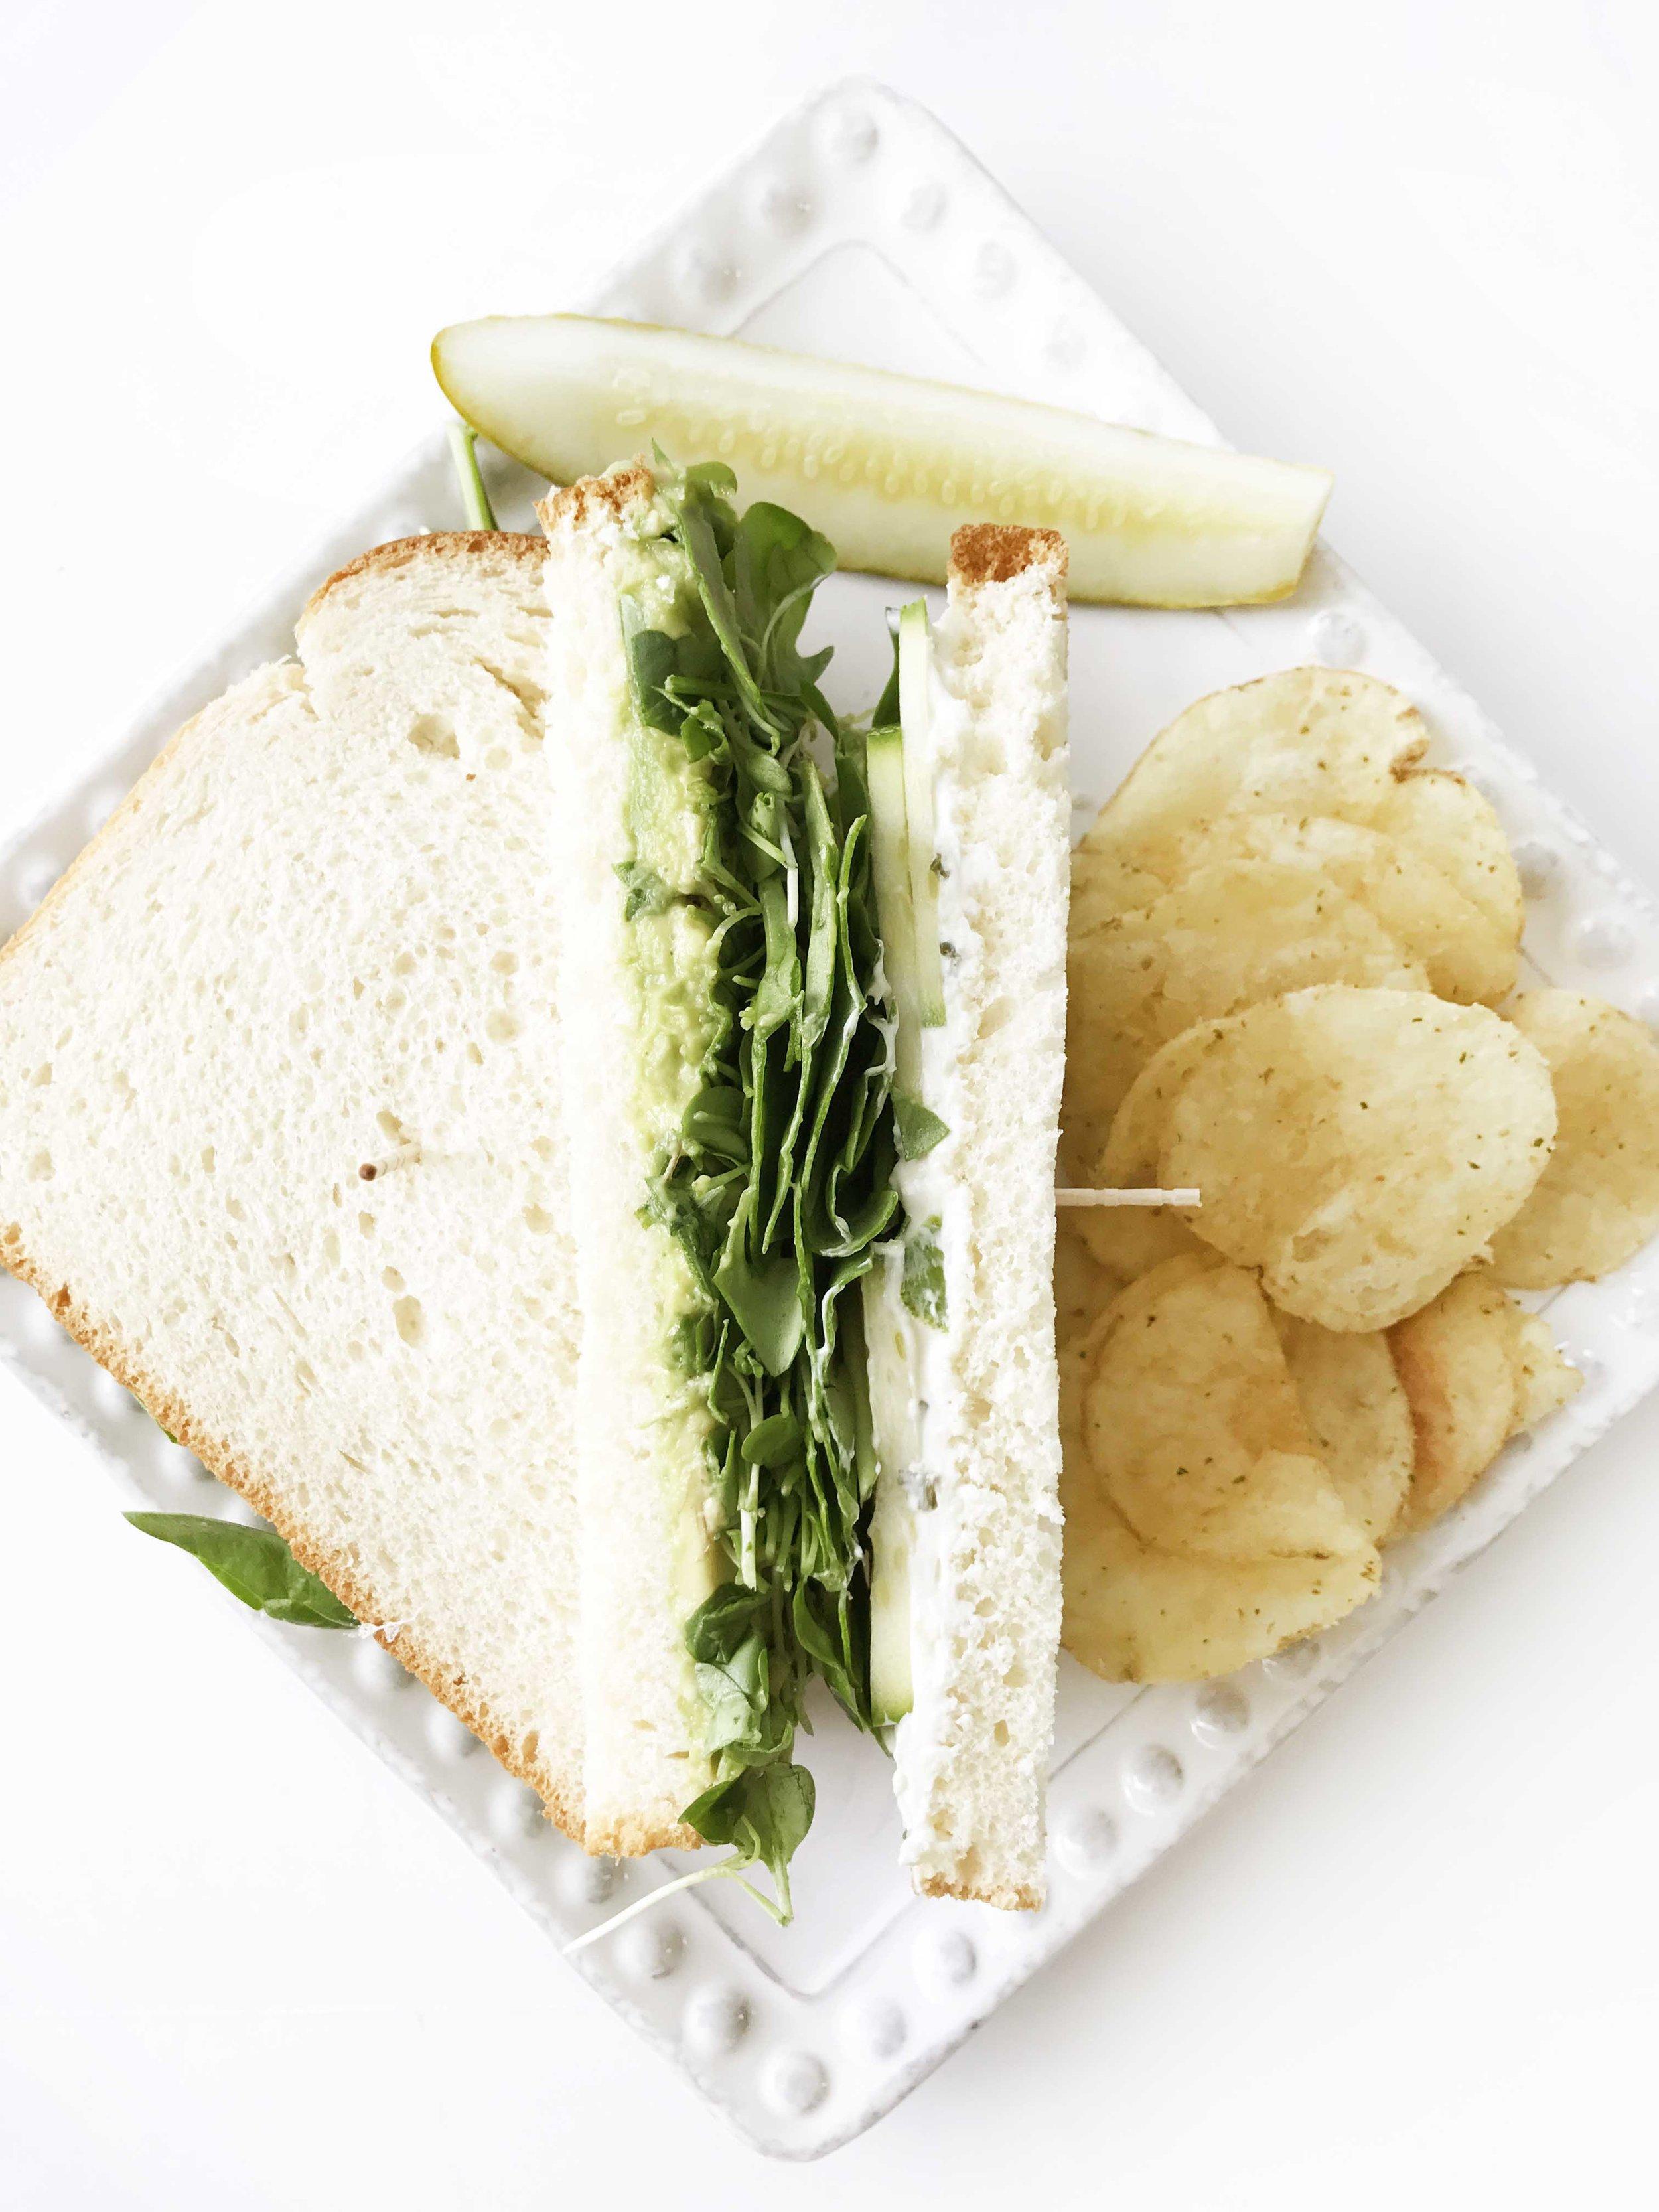 lean-mean-green-sandwich.jpg